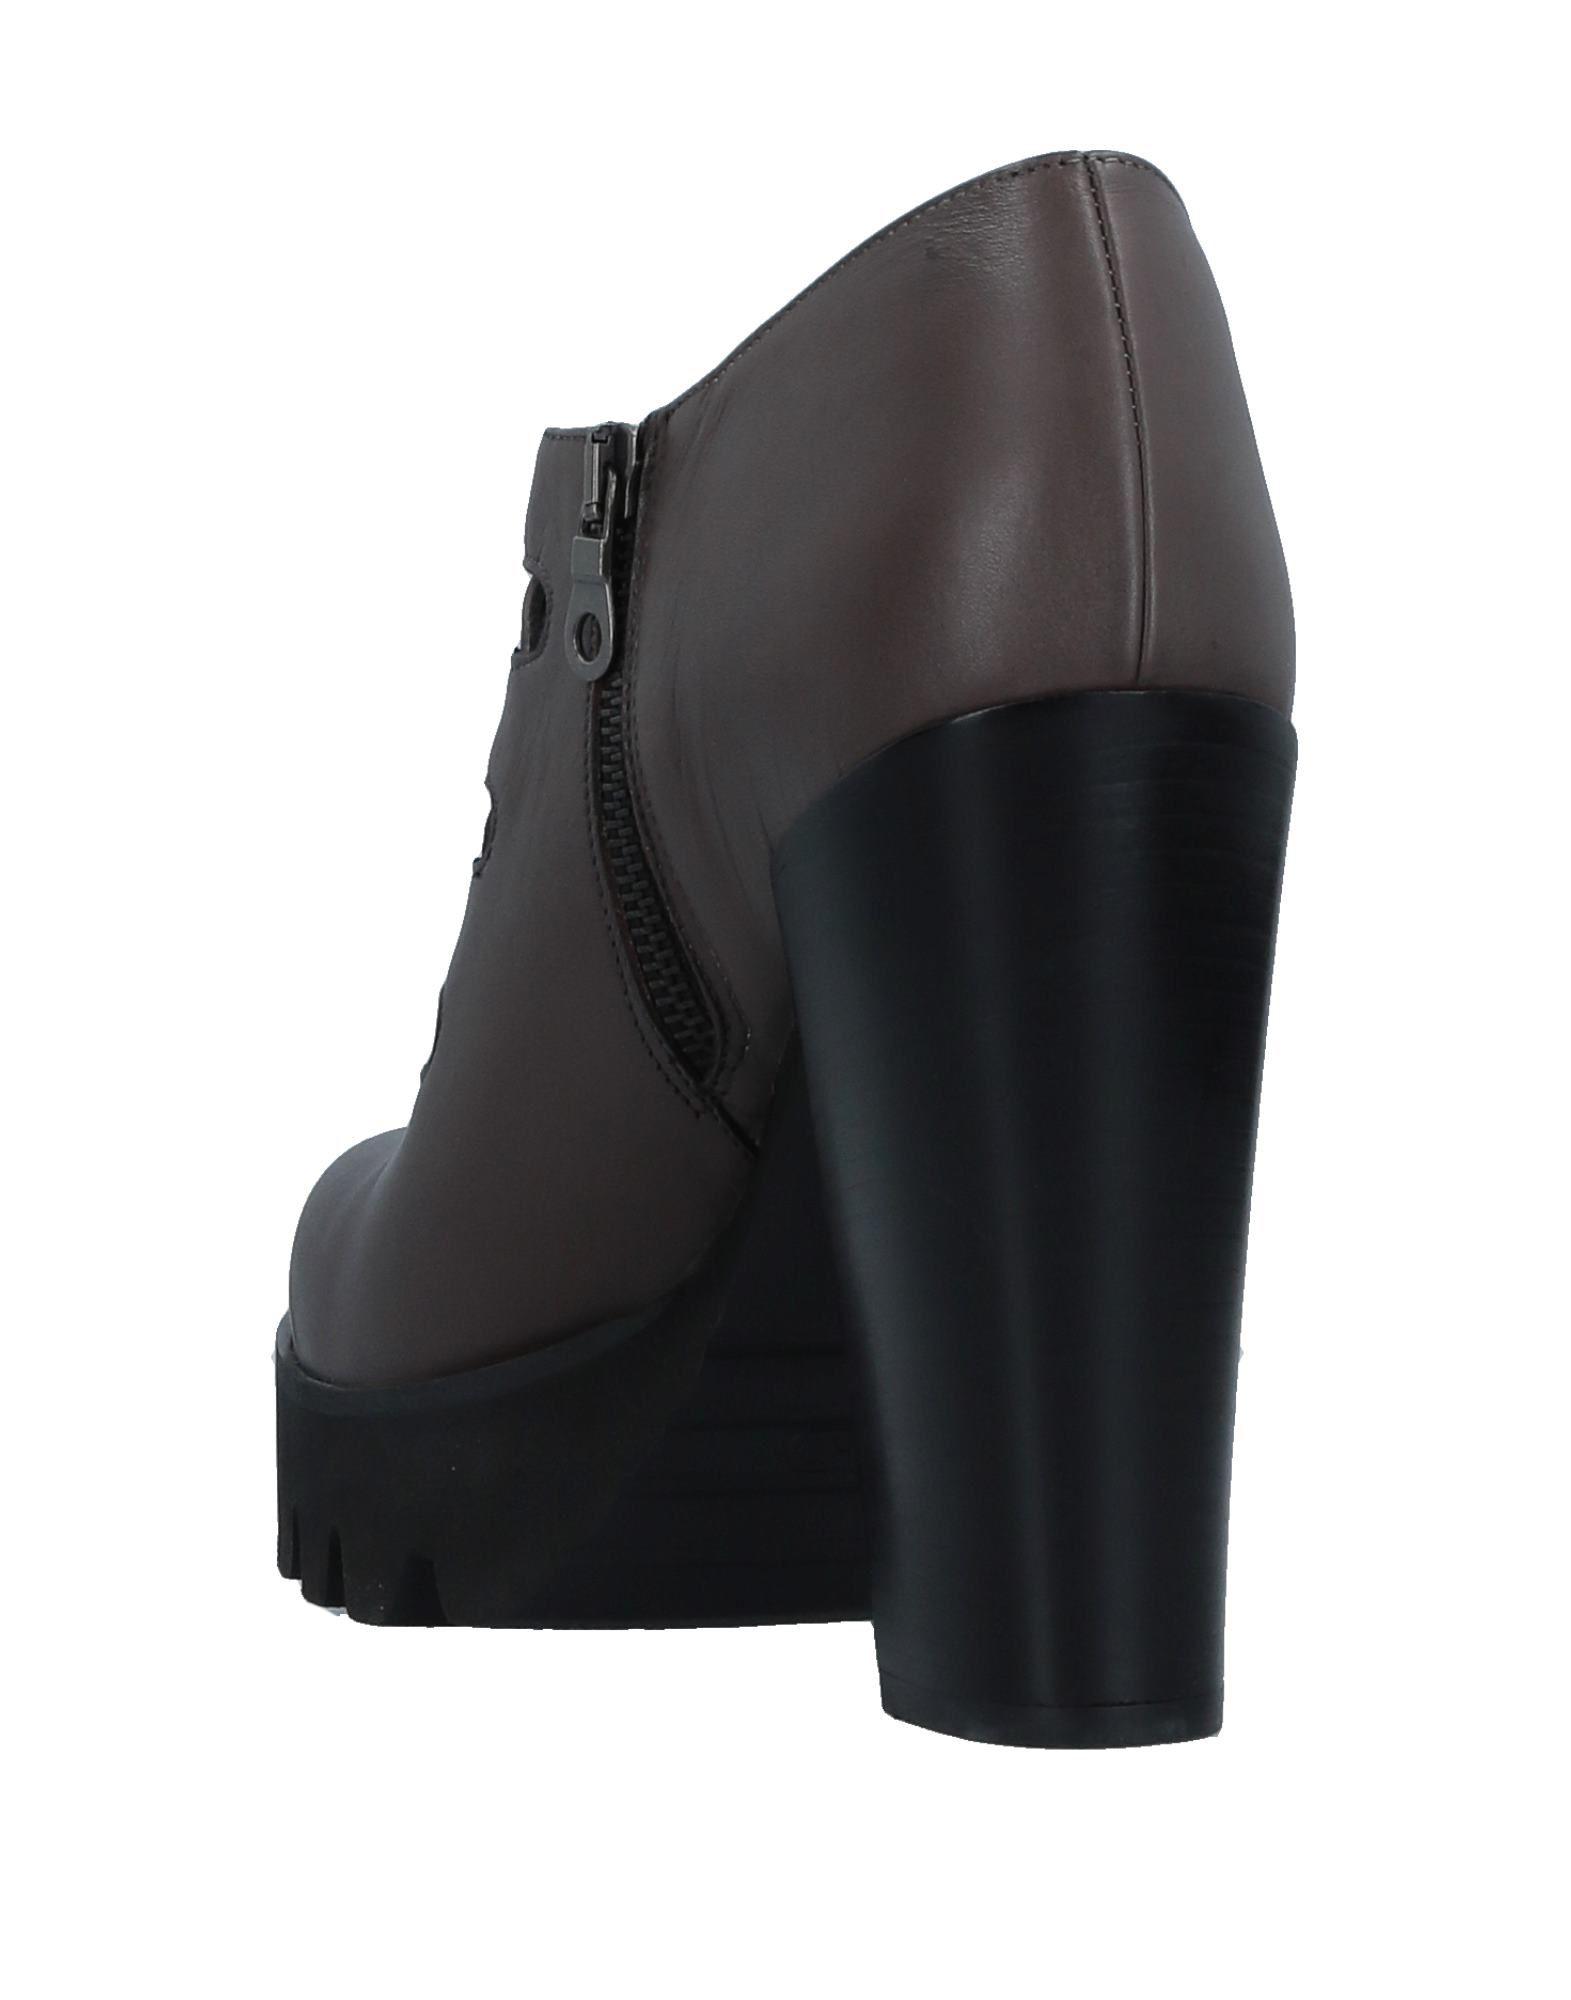 Silvia Rossini Stiefelette Qualität Damen  11519827LV Gute Qualität Stiefelette beliebte Schuhe a87e8c